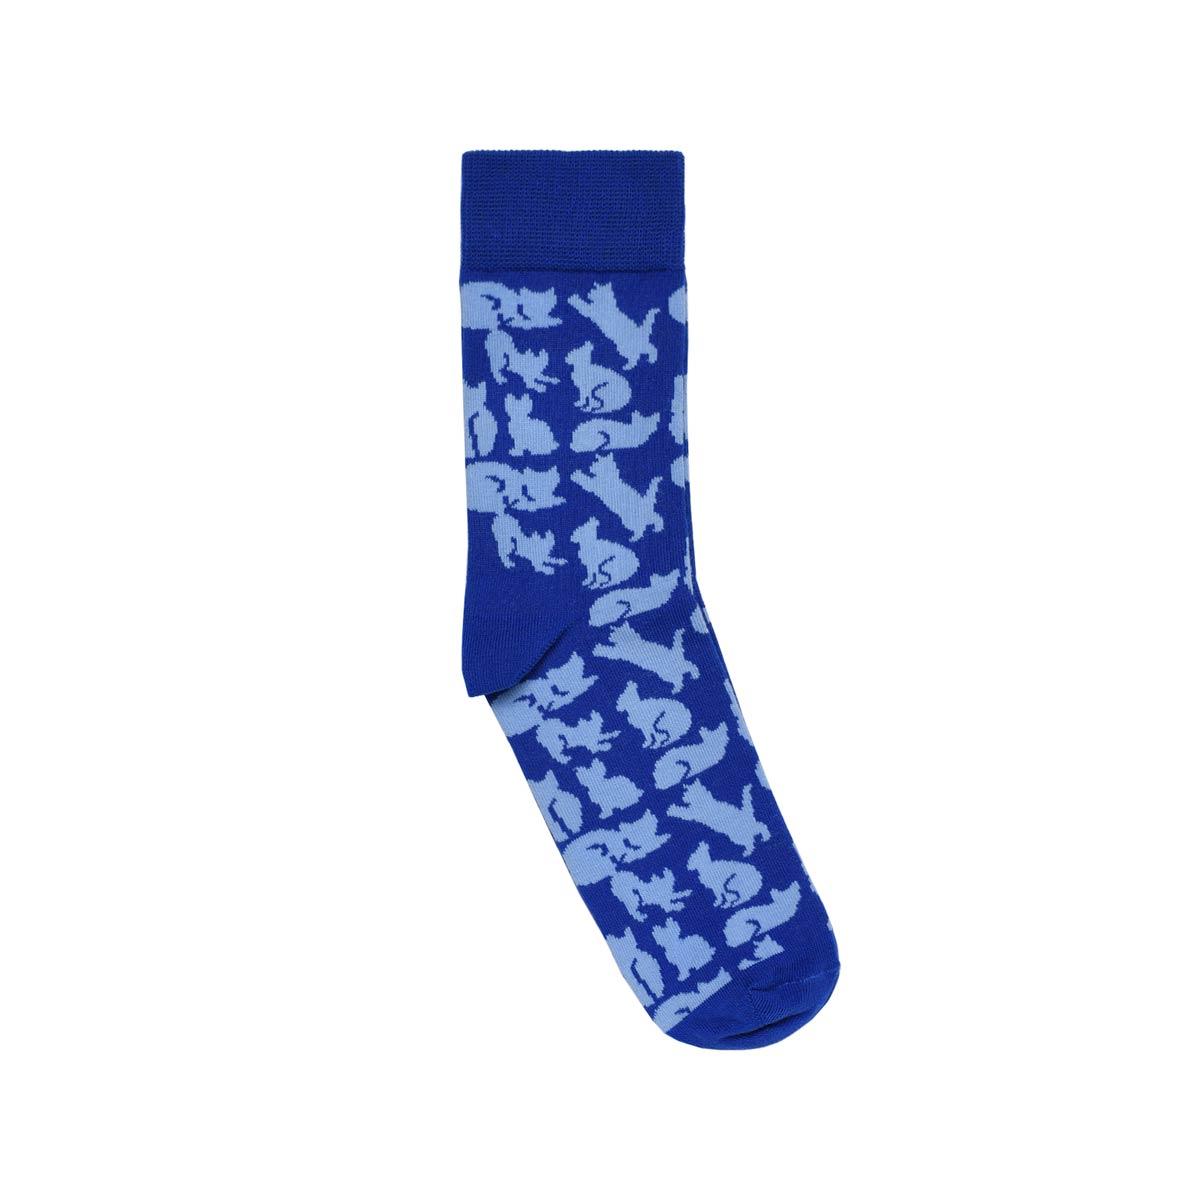 CH-00731-A12-chaussettes fantaisie-femme-chats-bleu-35-39